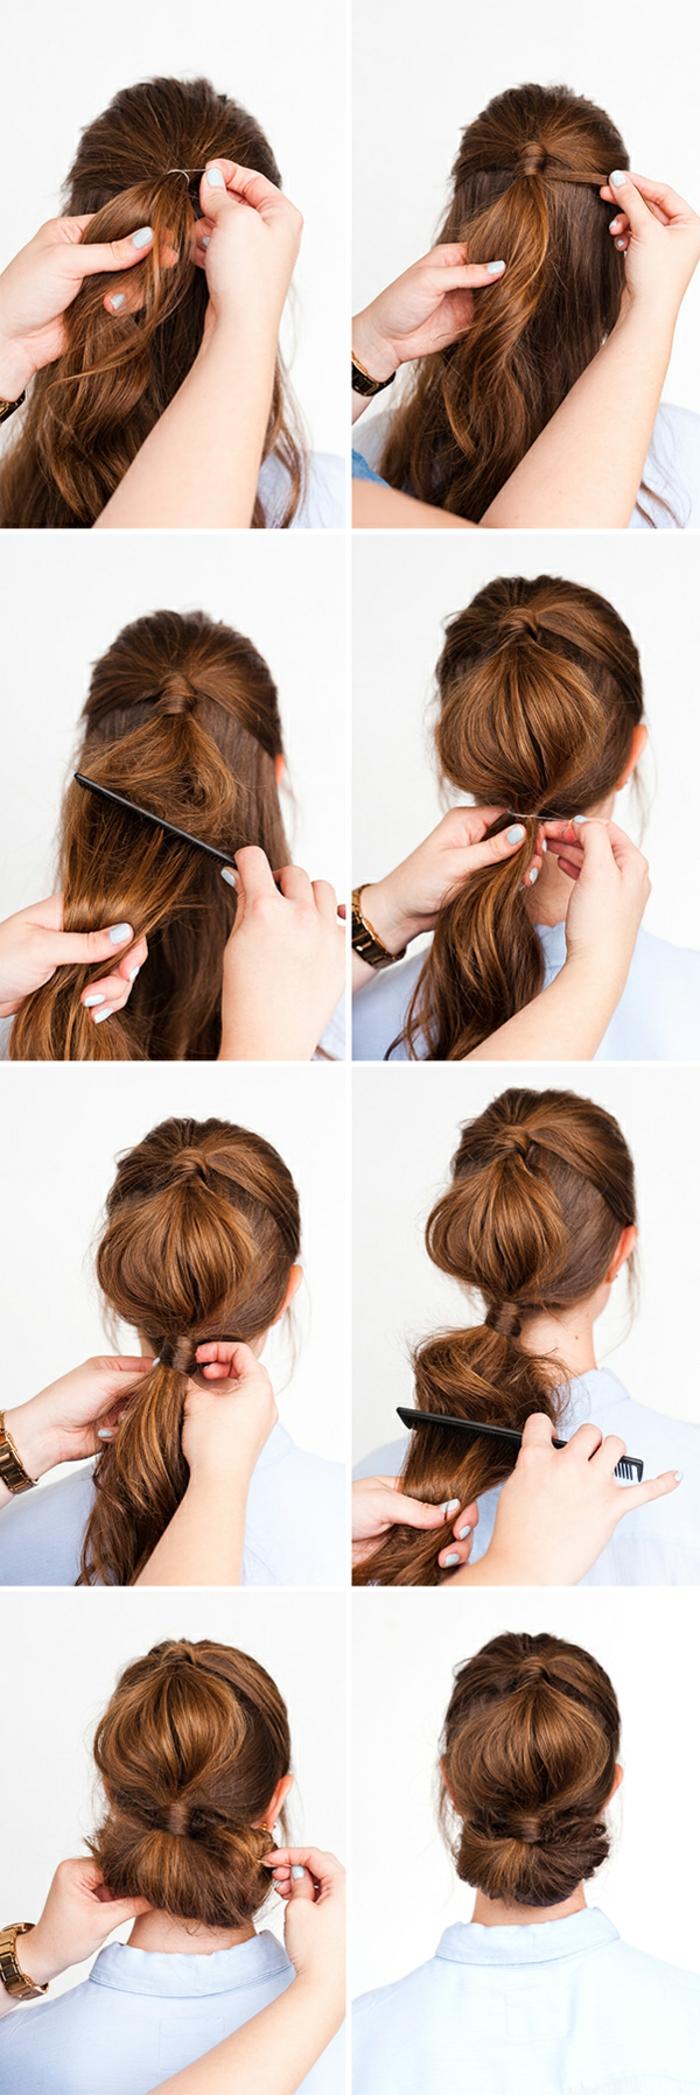 Schicke Hochsteckfrisur zum Nachstylen, ausführliche Anleitung in Bildern, Frisur für lange Haare